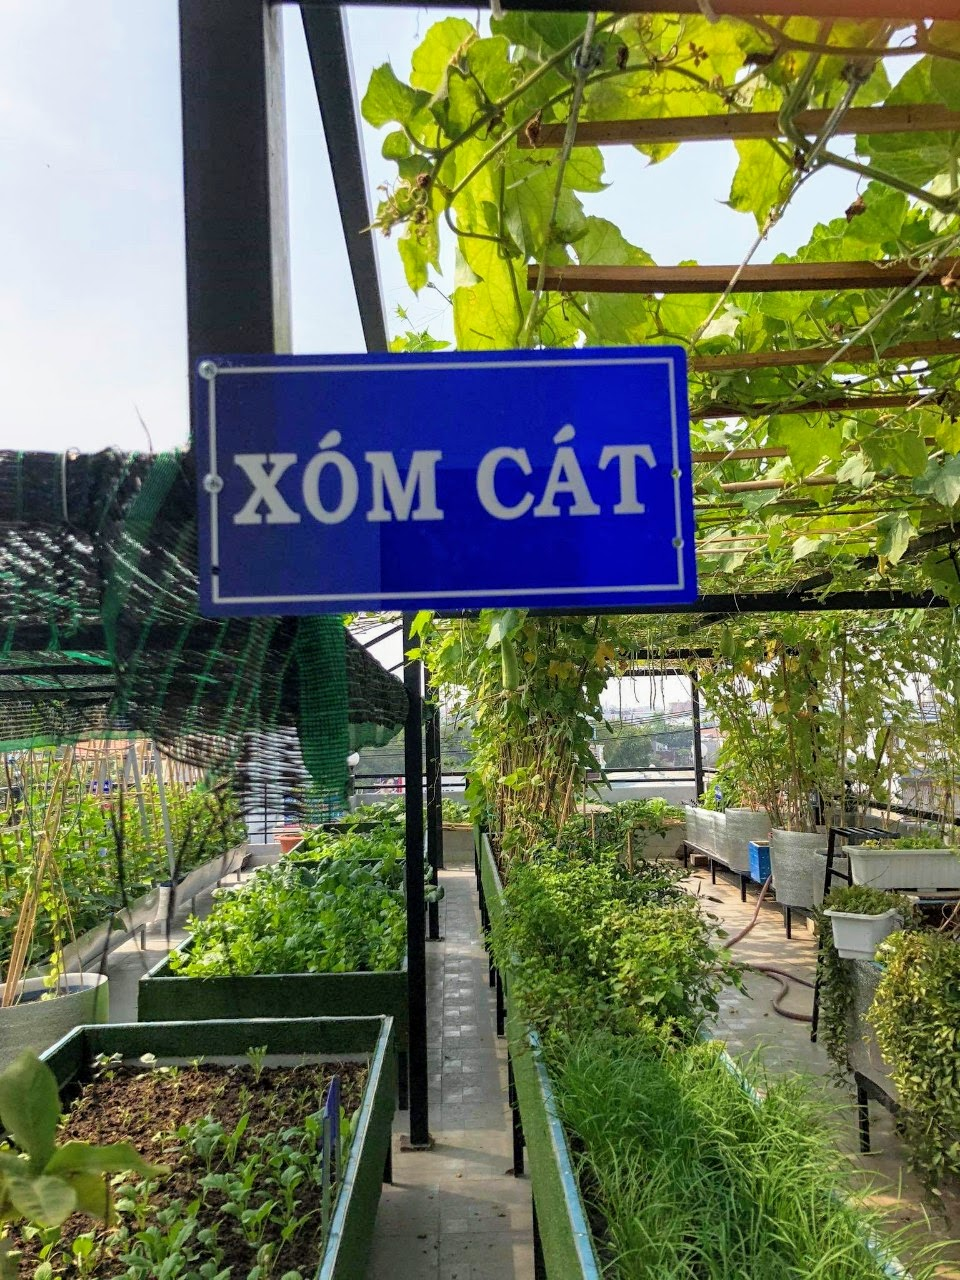 Chuyện người dân sinh sống tại TPHCM trưng dụng sân thượng, ban công làm những mảnh vườn trồng rau, cây cối,… không mới mẻ. Tuy nhiên, một sân vườn rộng toạ lạc lại được gắn cả bảng tên y như tên đường ở làng quê Bắc Bộ thì quả là mới lạ.